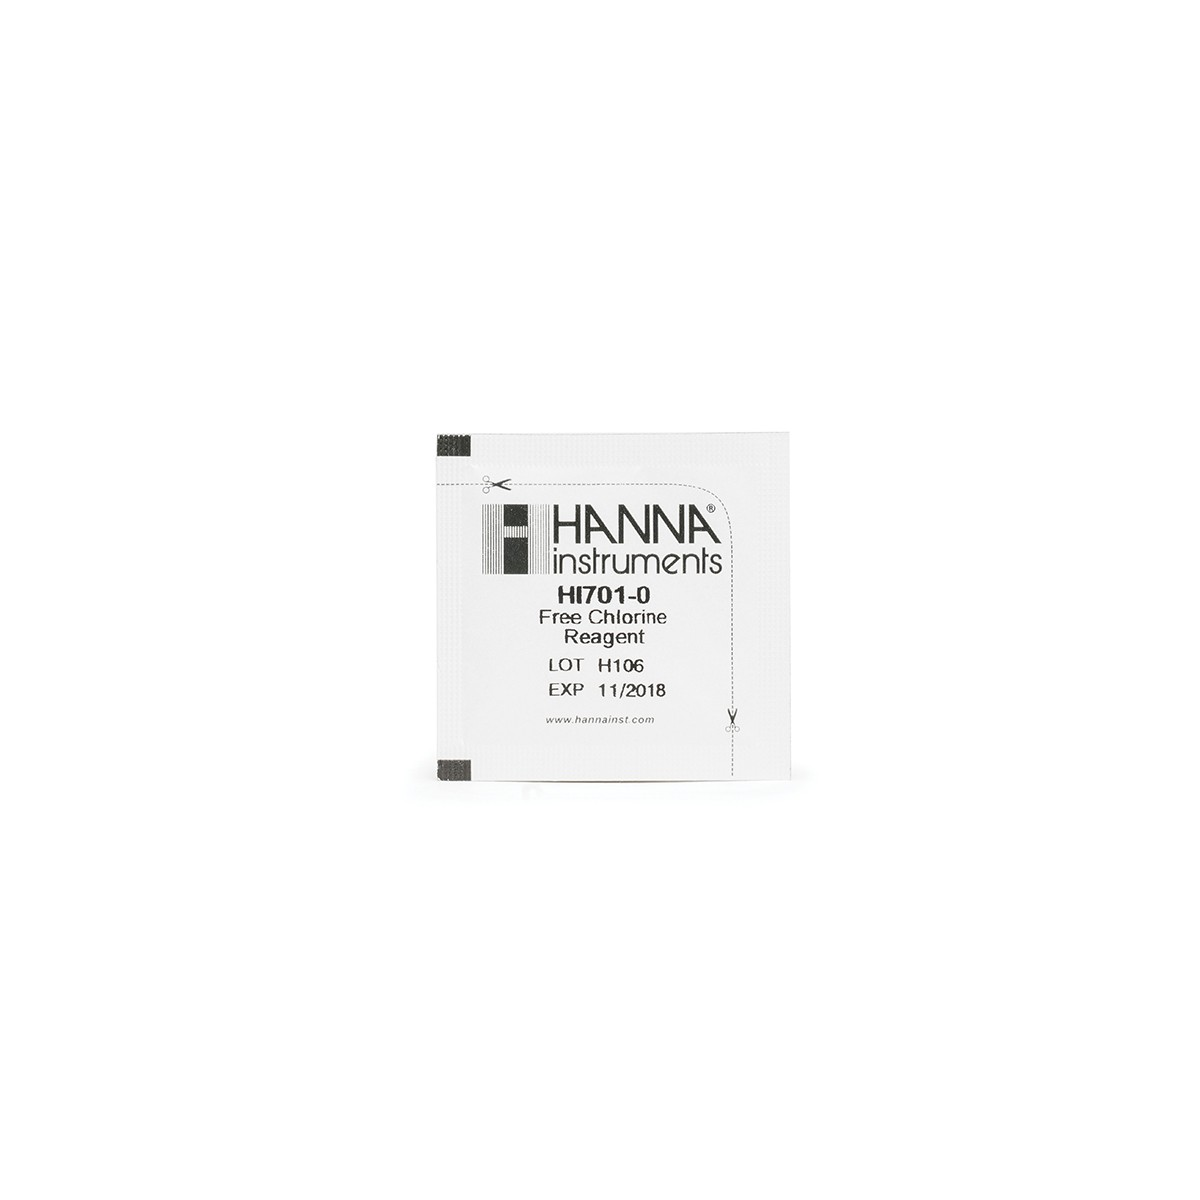 Thuốc Thử Cho Checker Clo Dư HI701, 25 Lần Đo HI701-25